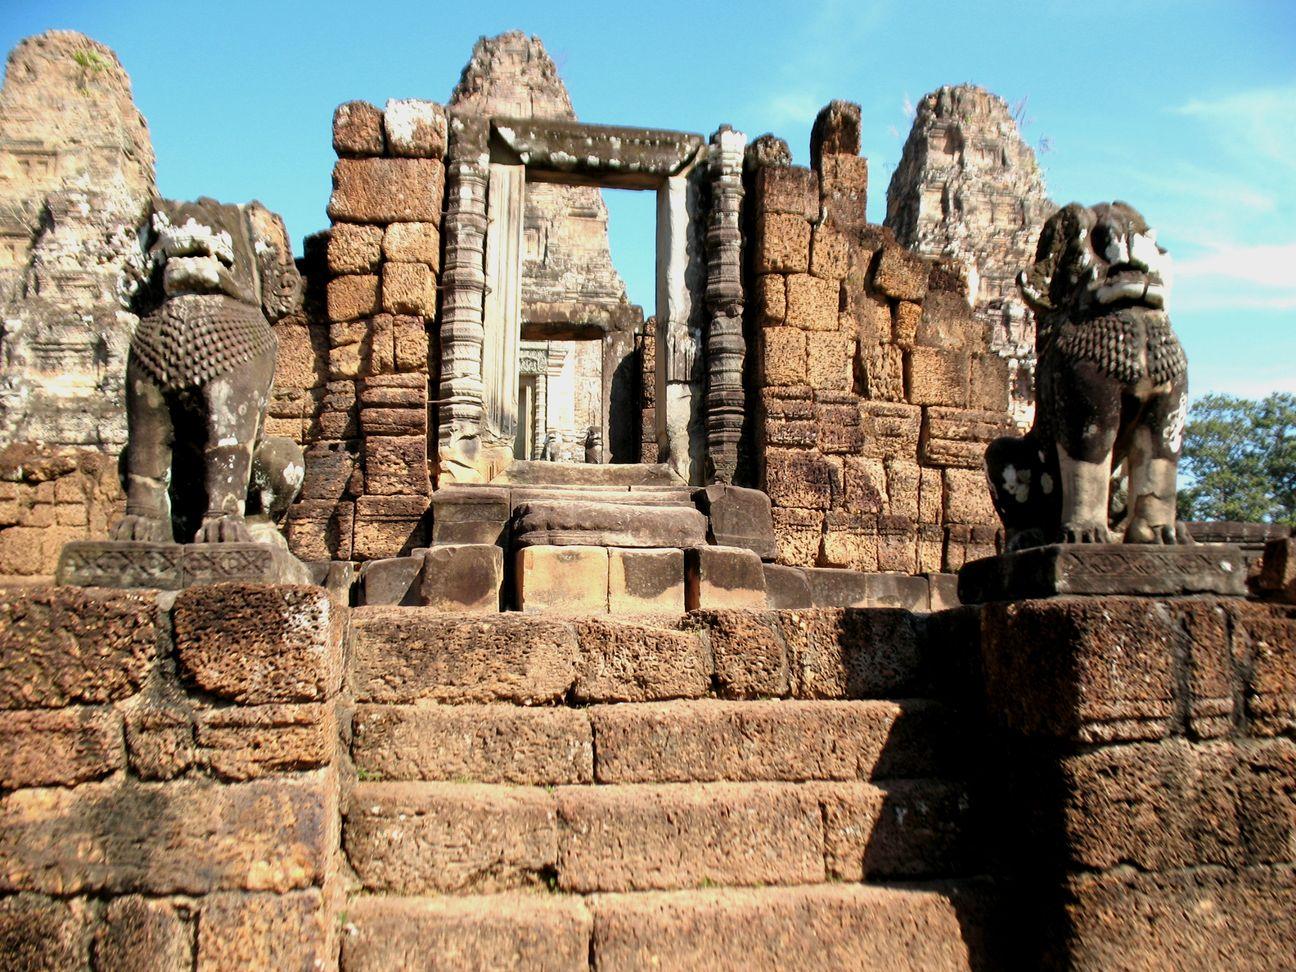 IMG 8198 Наше путешествие в Камбоджу.